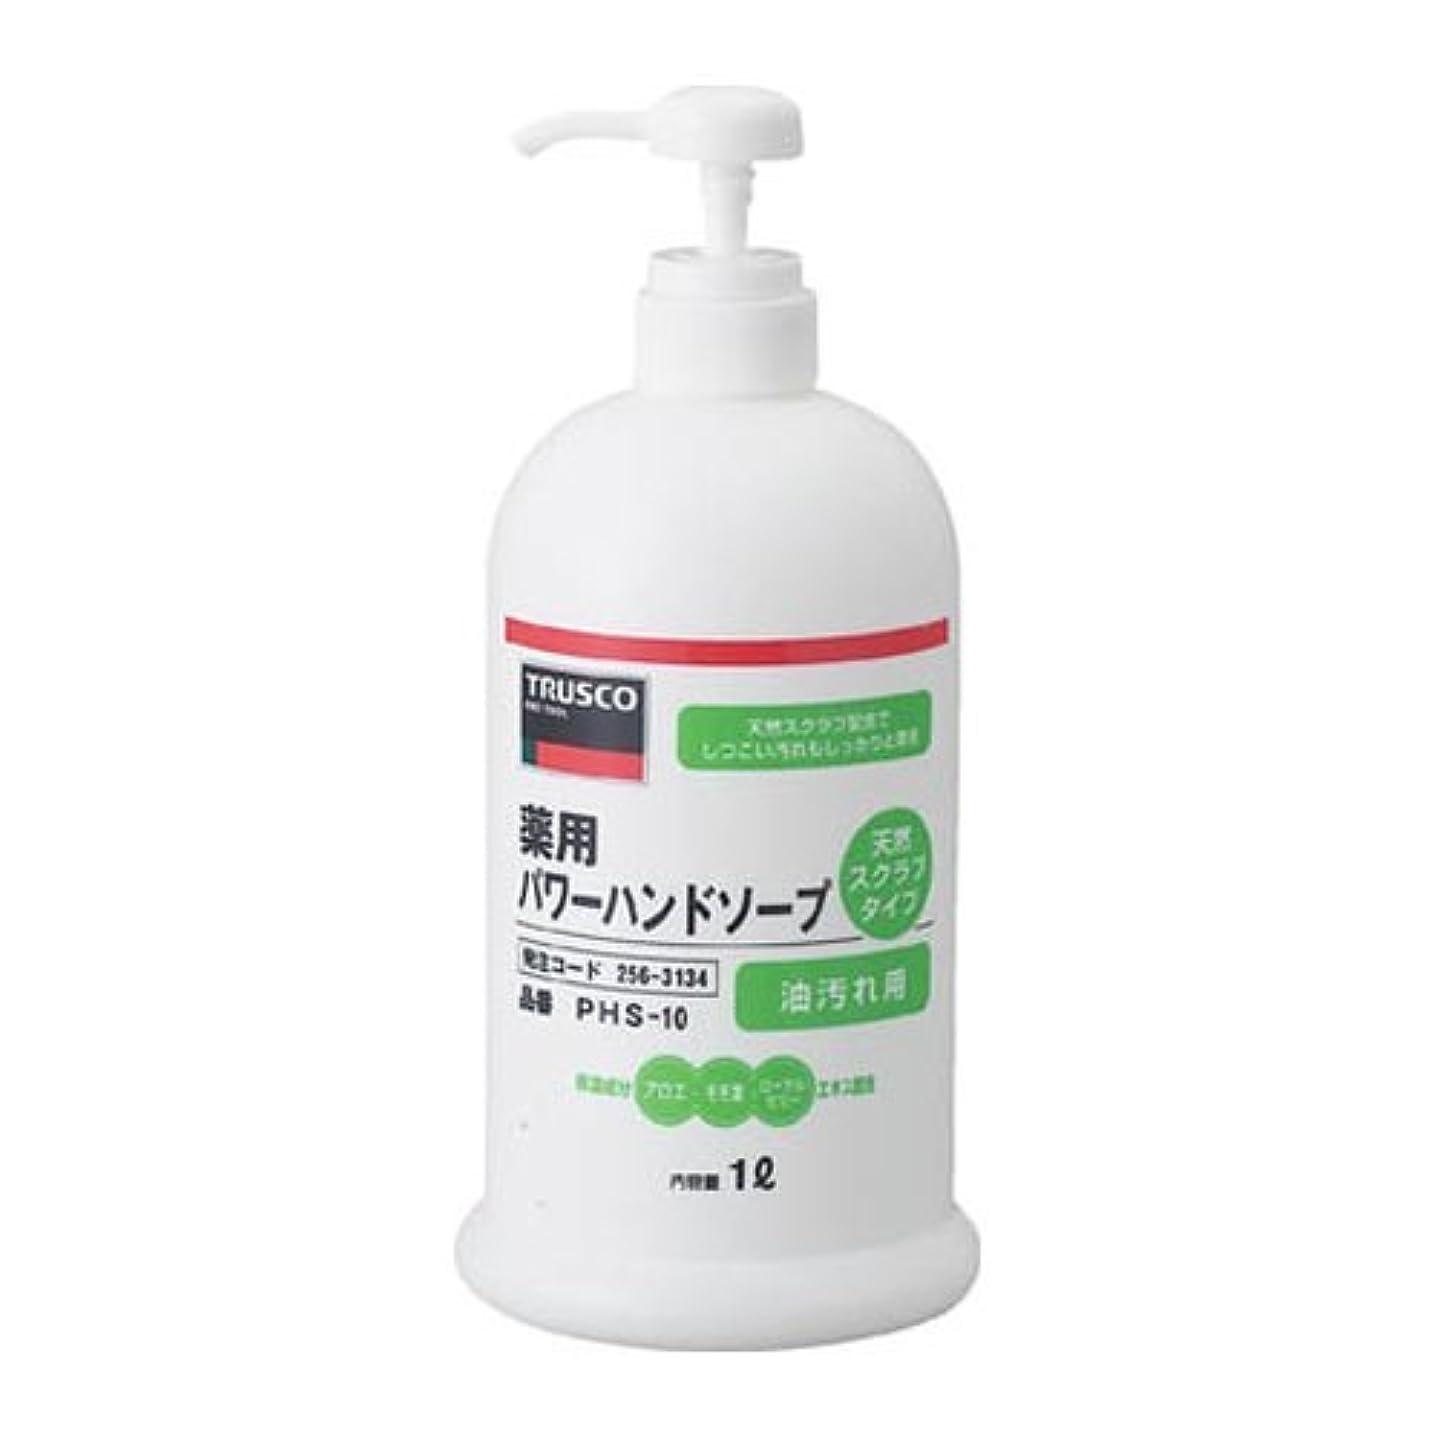 不完全な用量補充TRUSCO 薬用パワーハンドソープポンプボトル1.0L